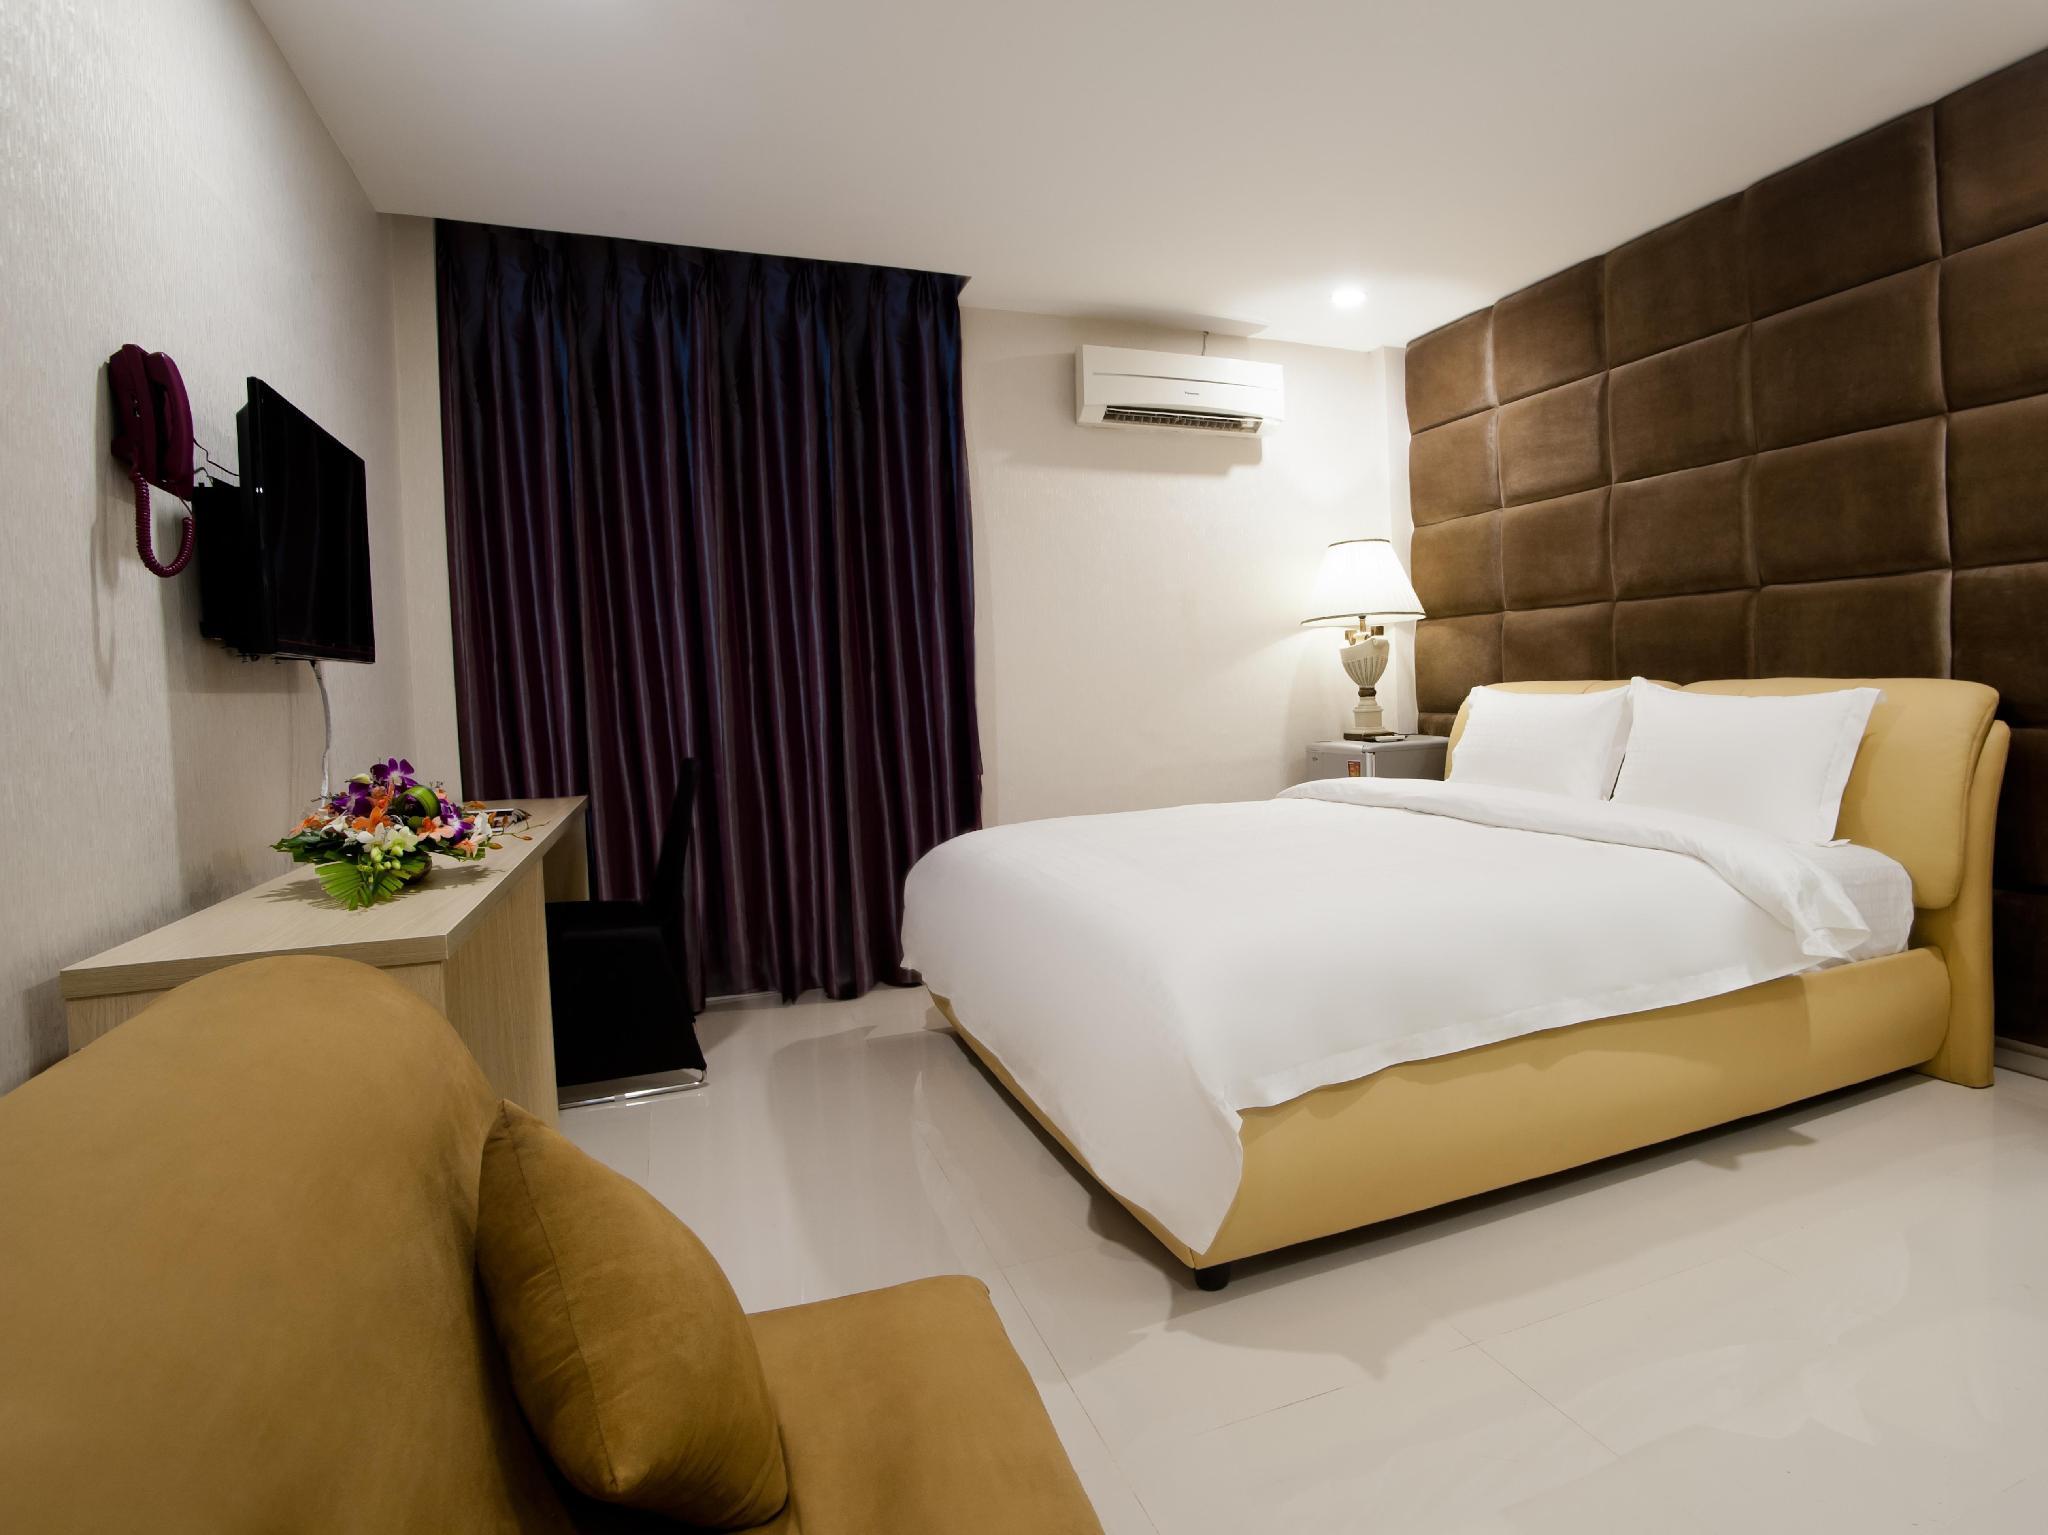 ホン コン カイテキ ホテル15